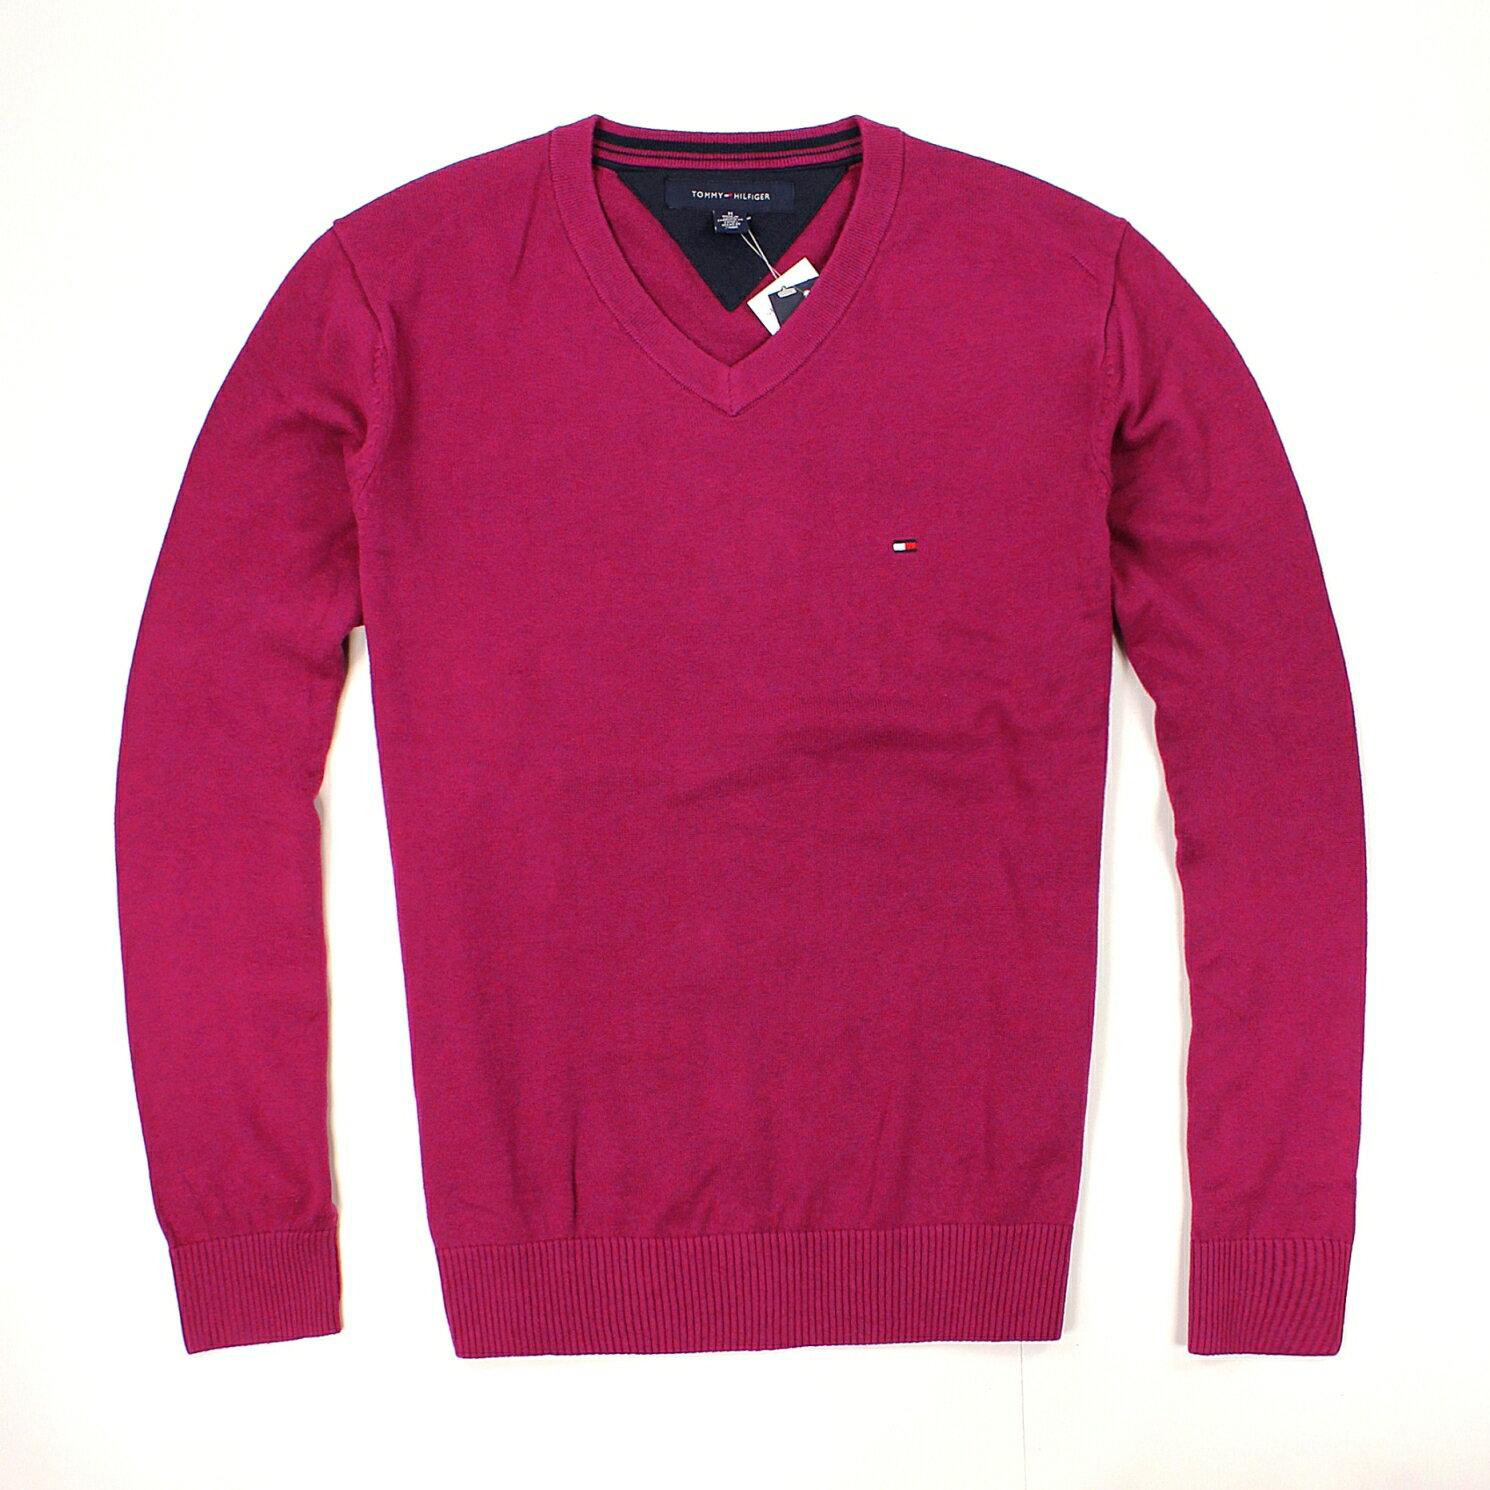 美國百分百【全新真品】Tommy Hilfiger 針織衫 TH 線衫 V領 素面 純棉 棉質毛衣 男衣 紫紅 預購 B606